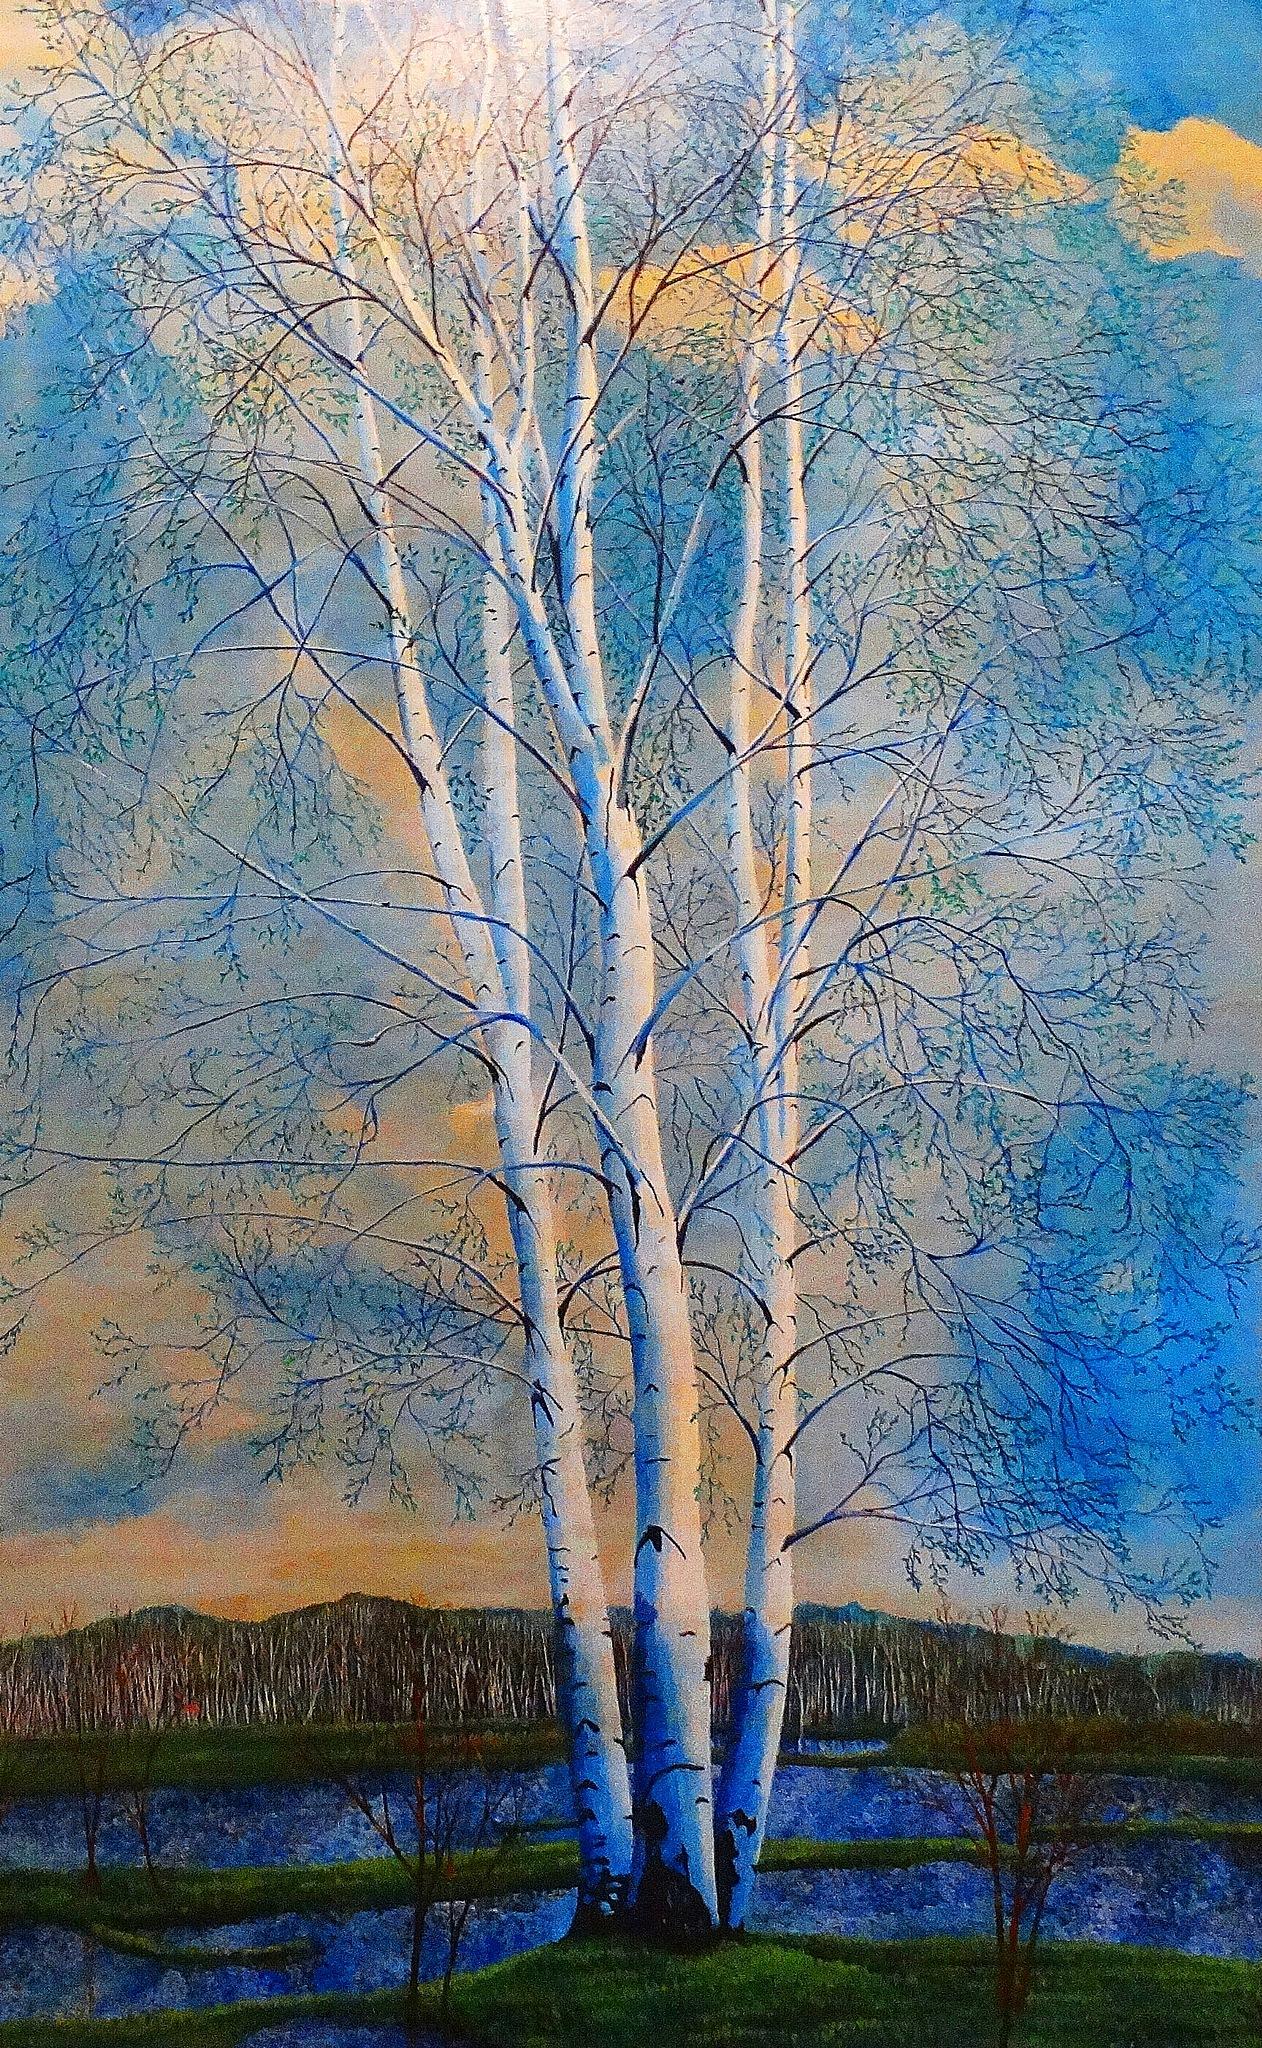 Birches  by sergey.parfeniuk